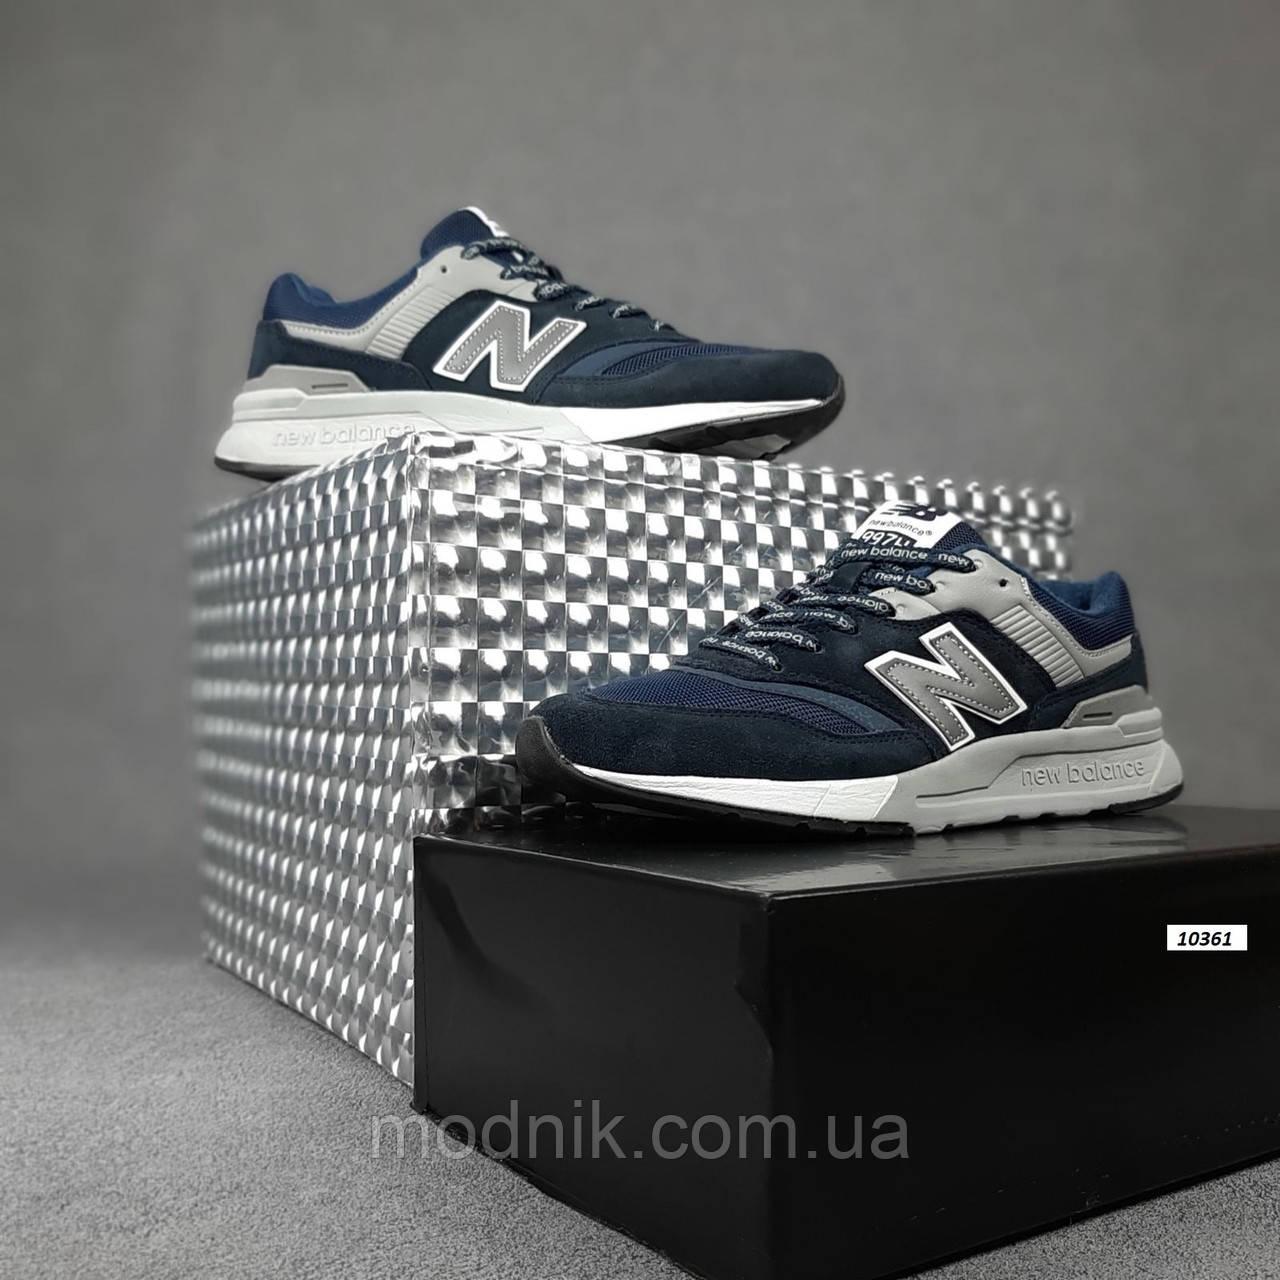 Чоловічі рефлективні кросівки New Balance 997H (сині) 10361 демісезонна спортивна якісна взуття